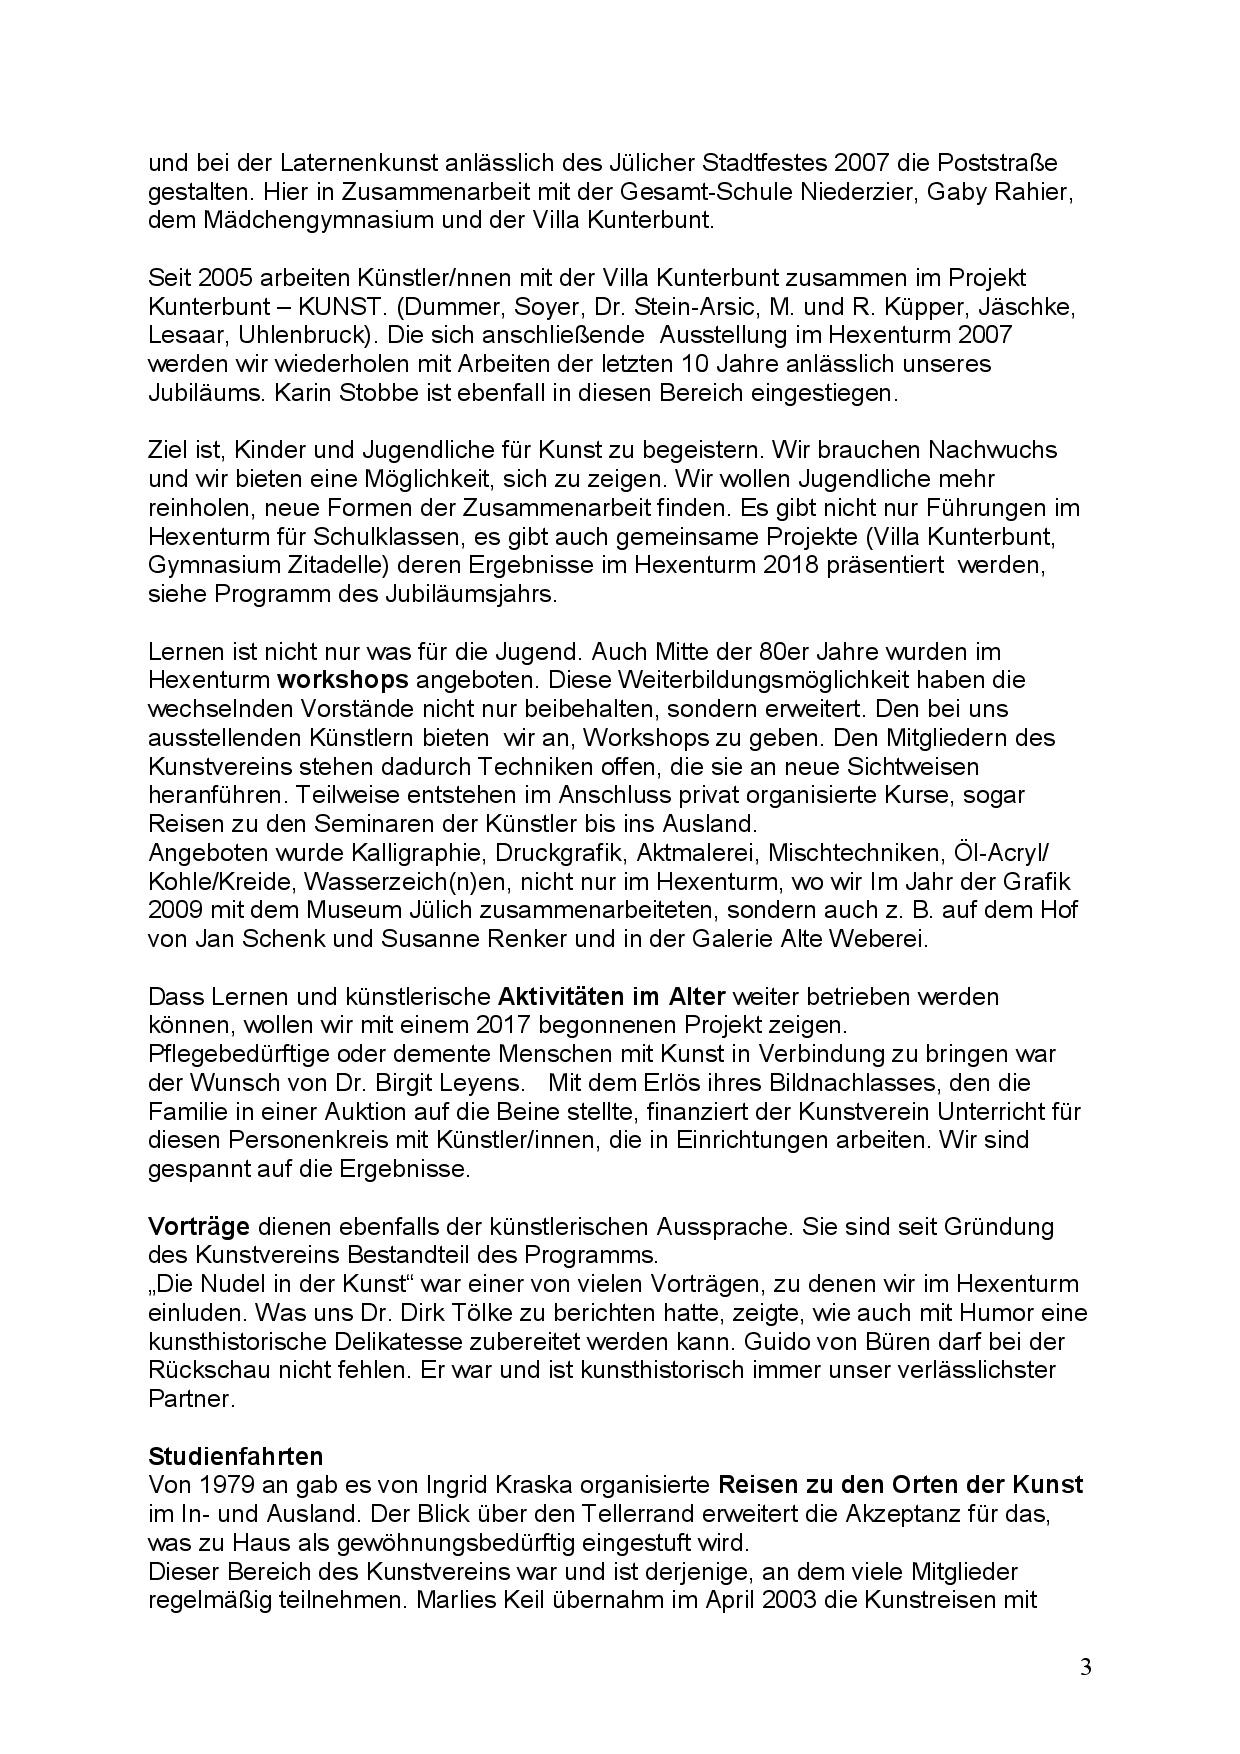 40 Jahre Kunstverein Jülich-003